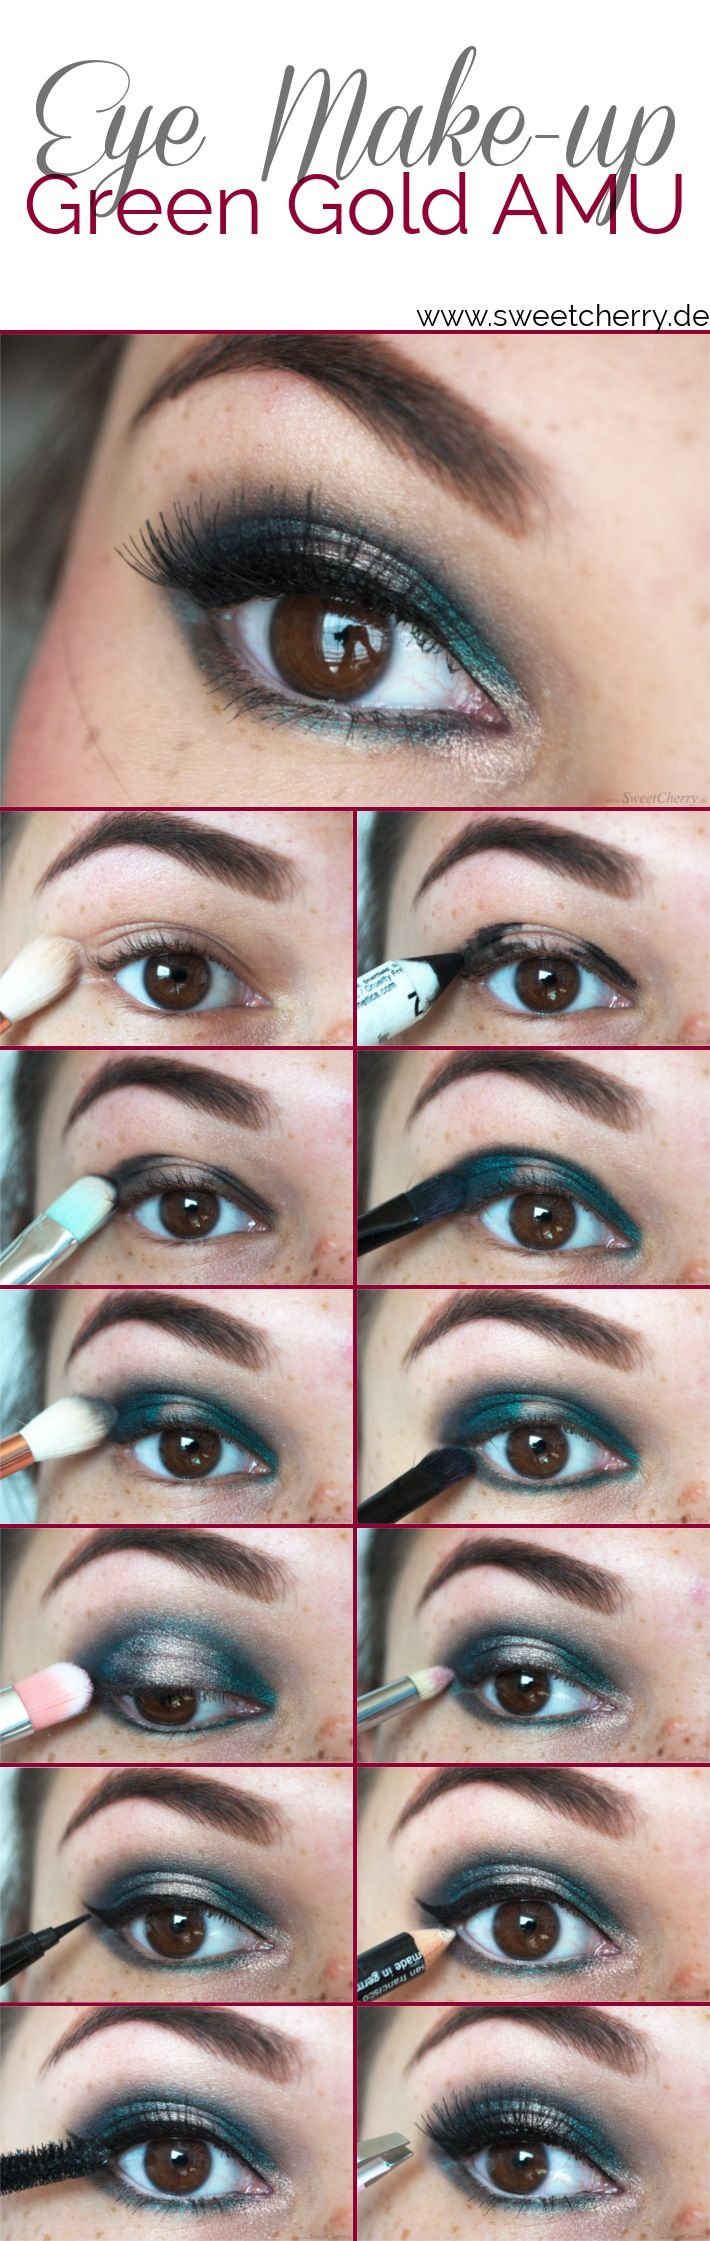 Step-by-Step Make-up Tutorial für ein Petroleum-Grün-Goldenes Augen-Make-up Geschminkt in zwölf Schritten.